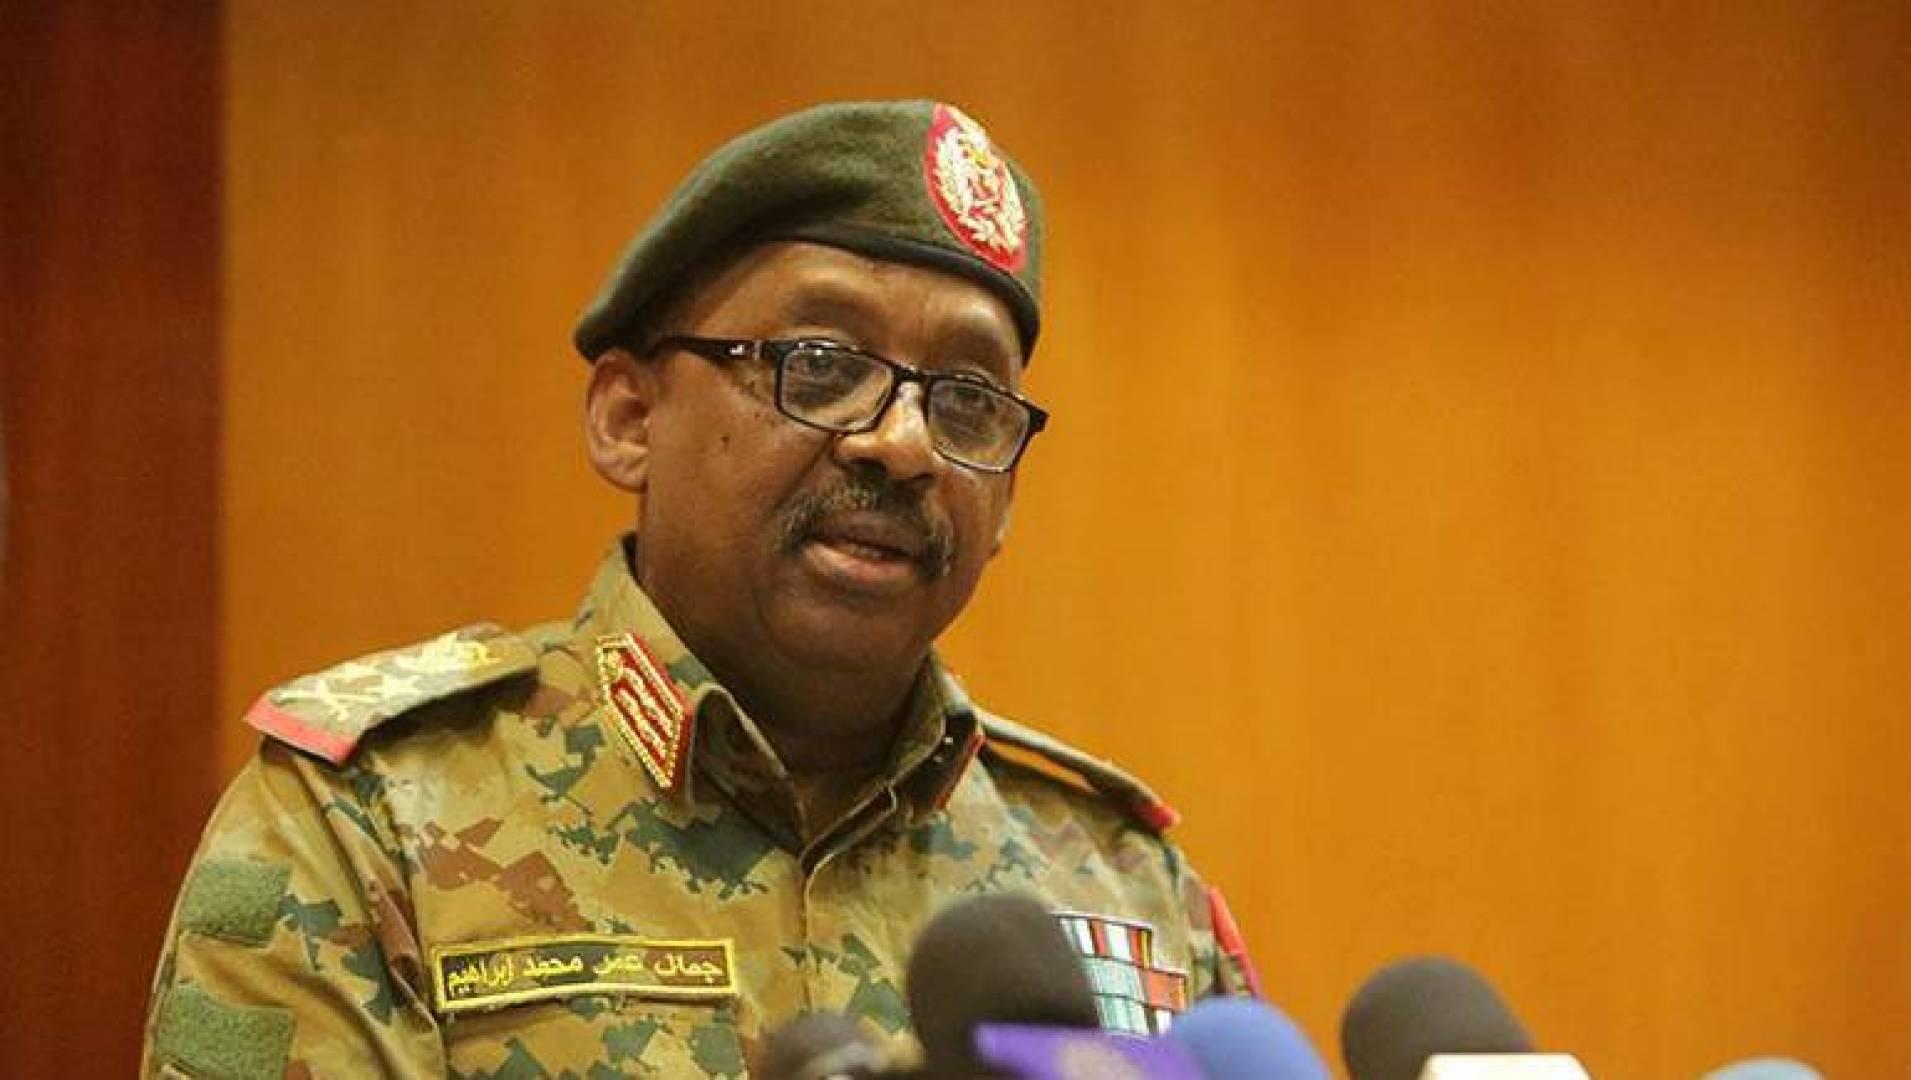 صورة وفاة وزير الدفاع السوداني بنوبة قلبية مفاجئة